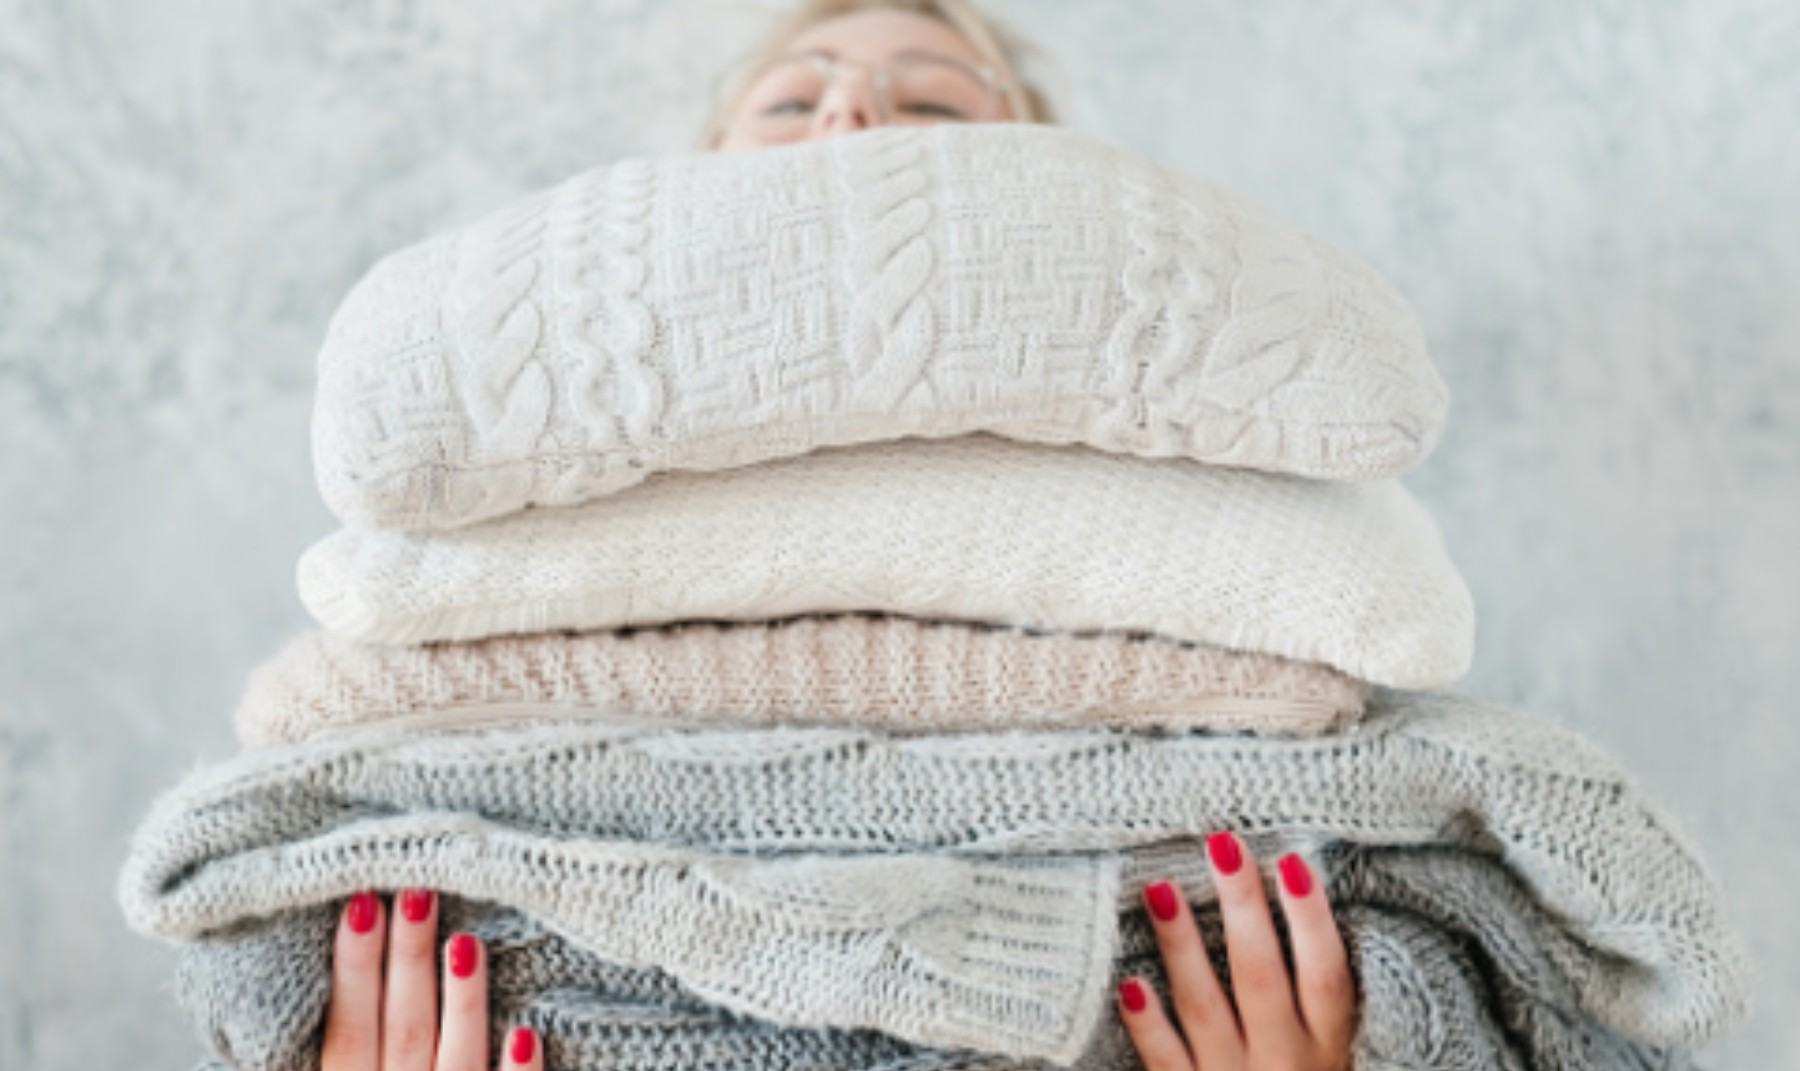 Pasos para hacer una manta con jerséis viejos paso a paso